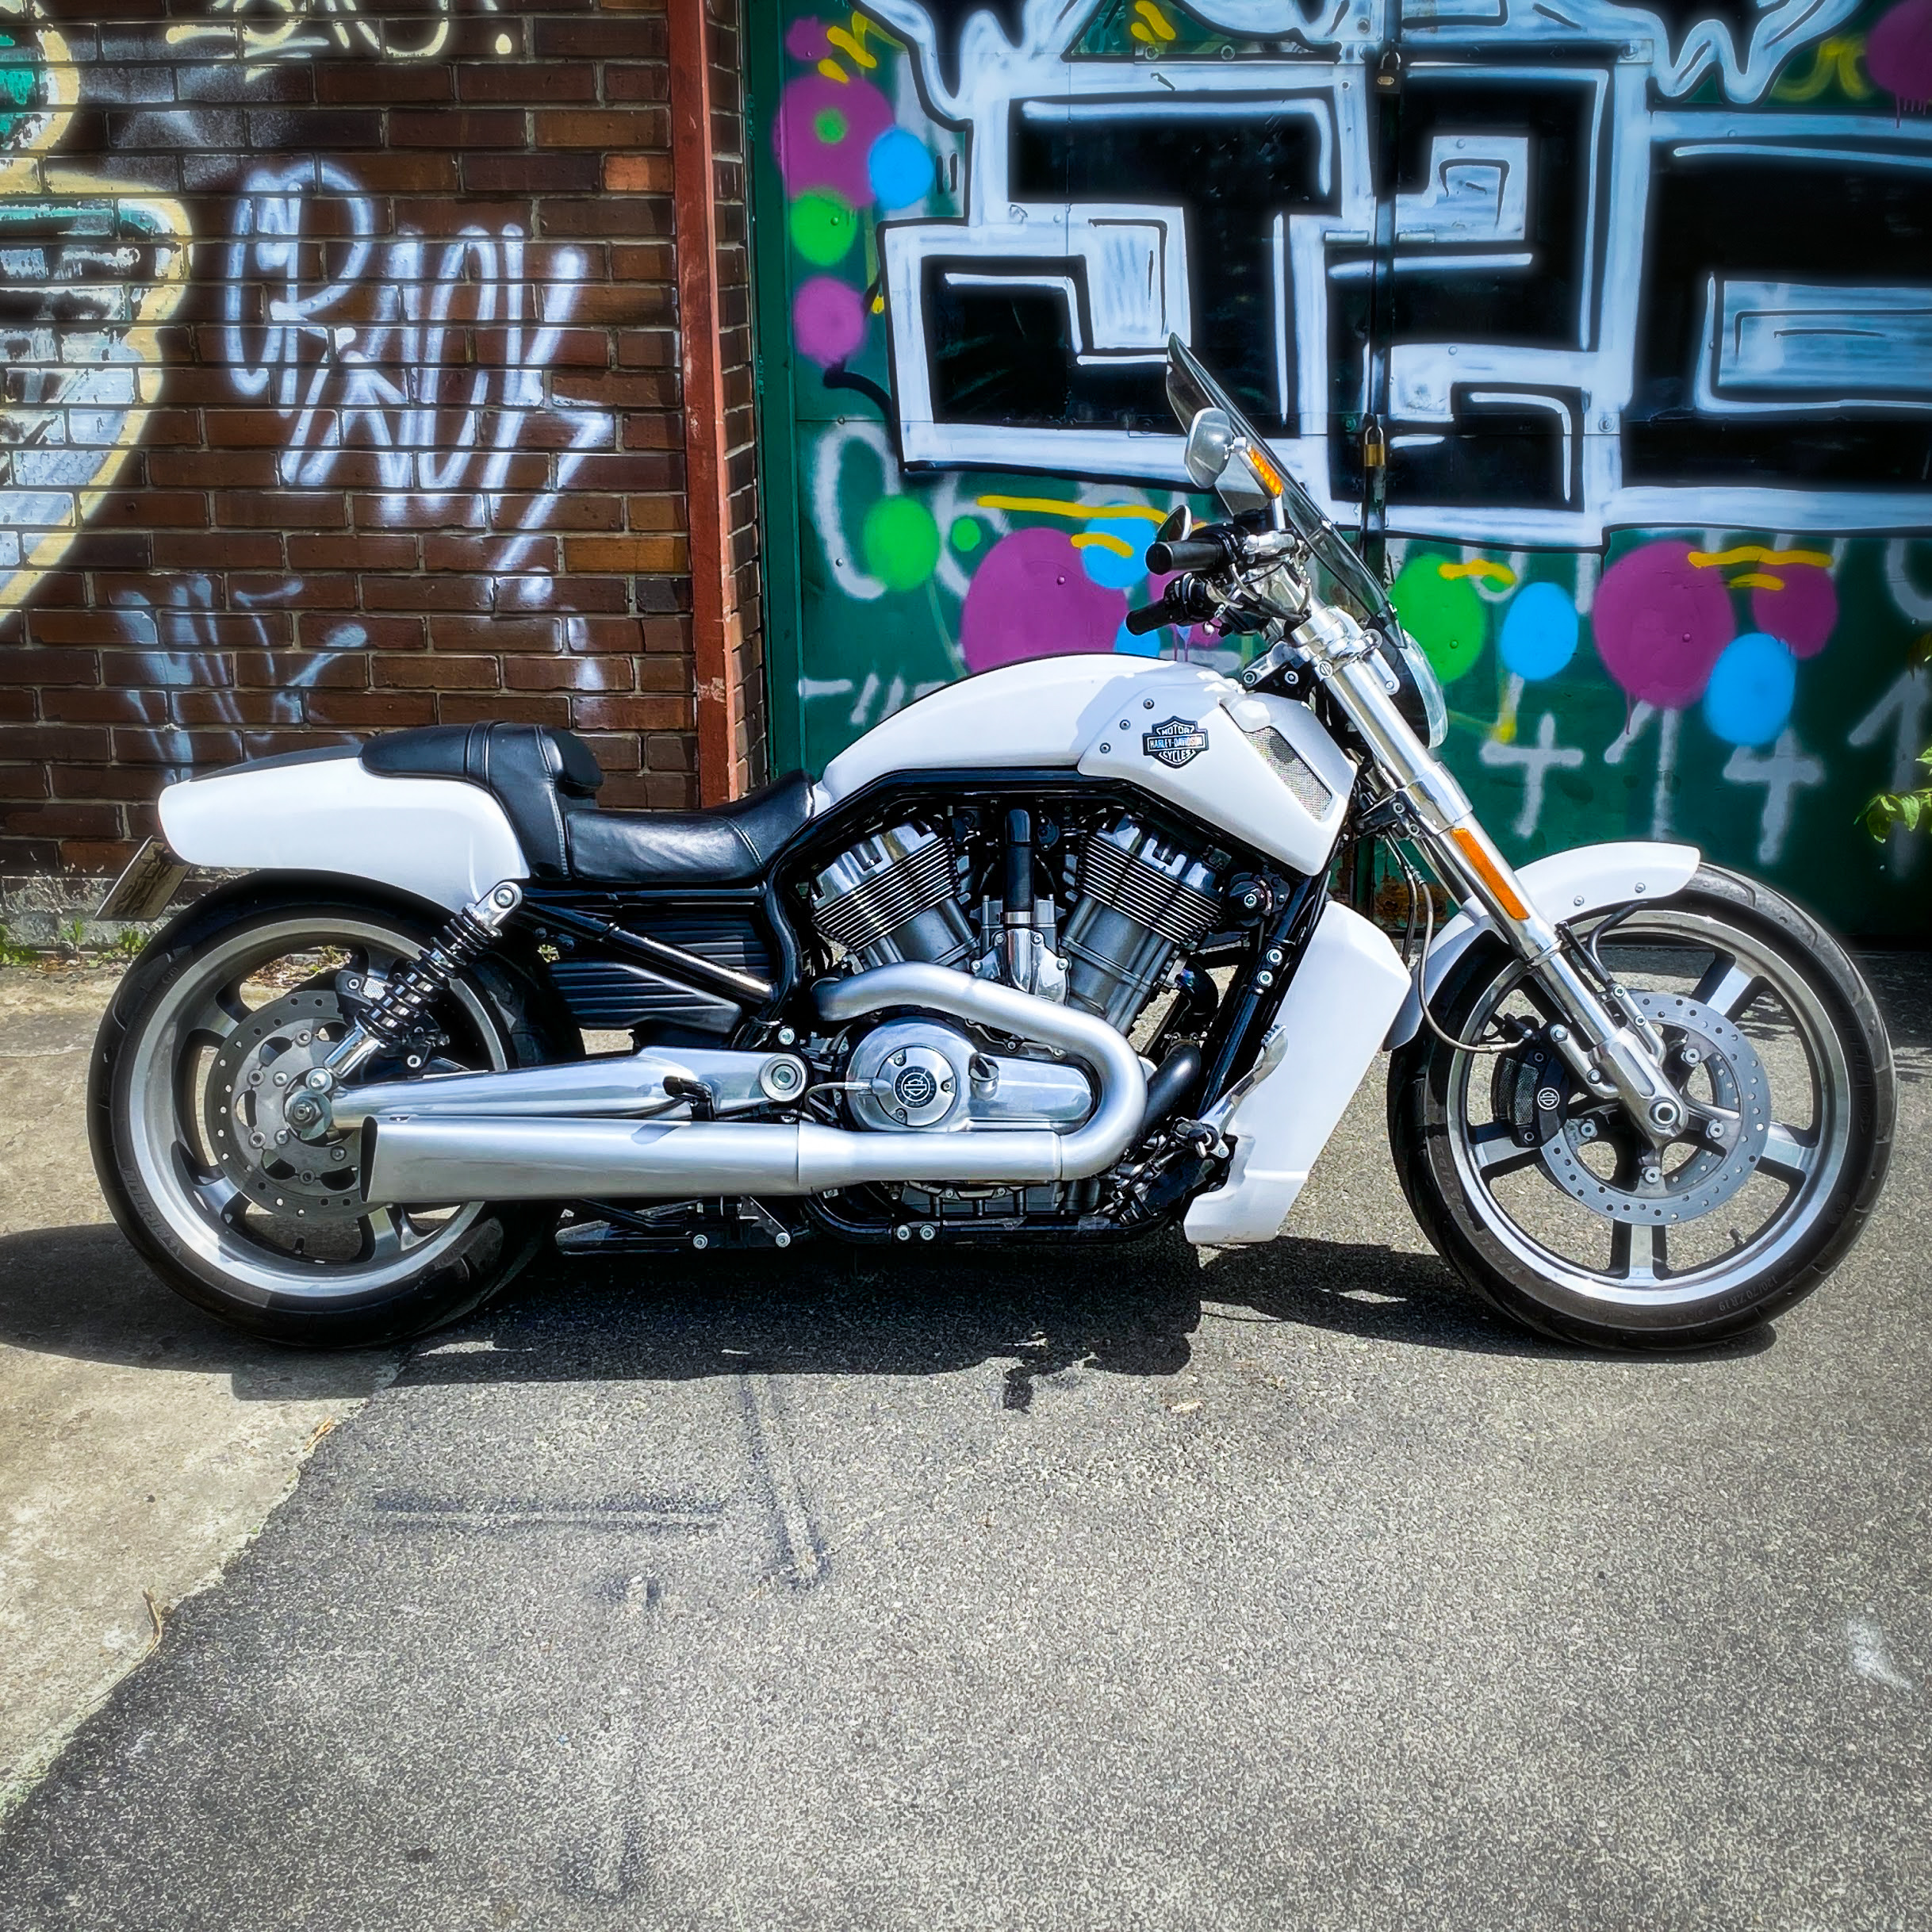 Kiöregedtek a törzsvásárlók, nem veszik a Harley-kat - kerepesiek.hu